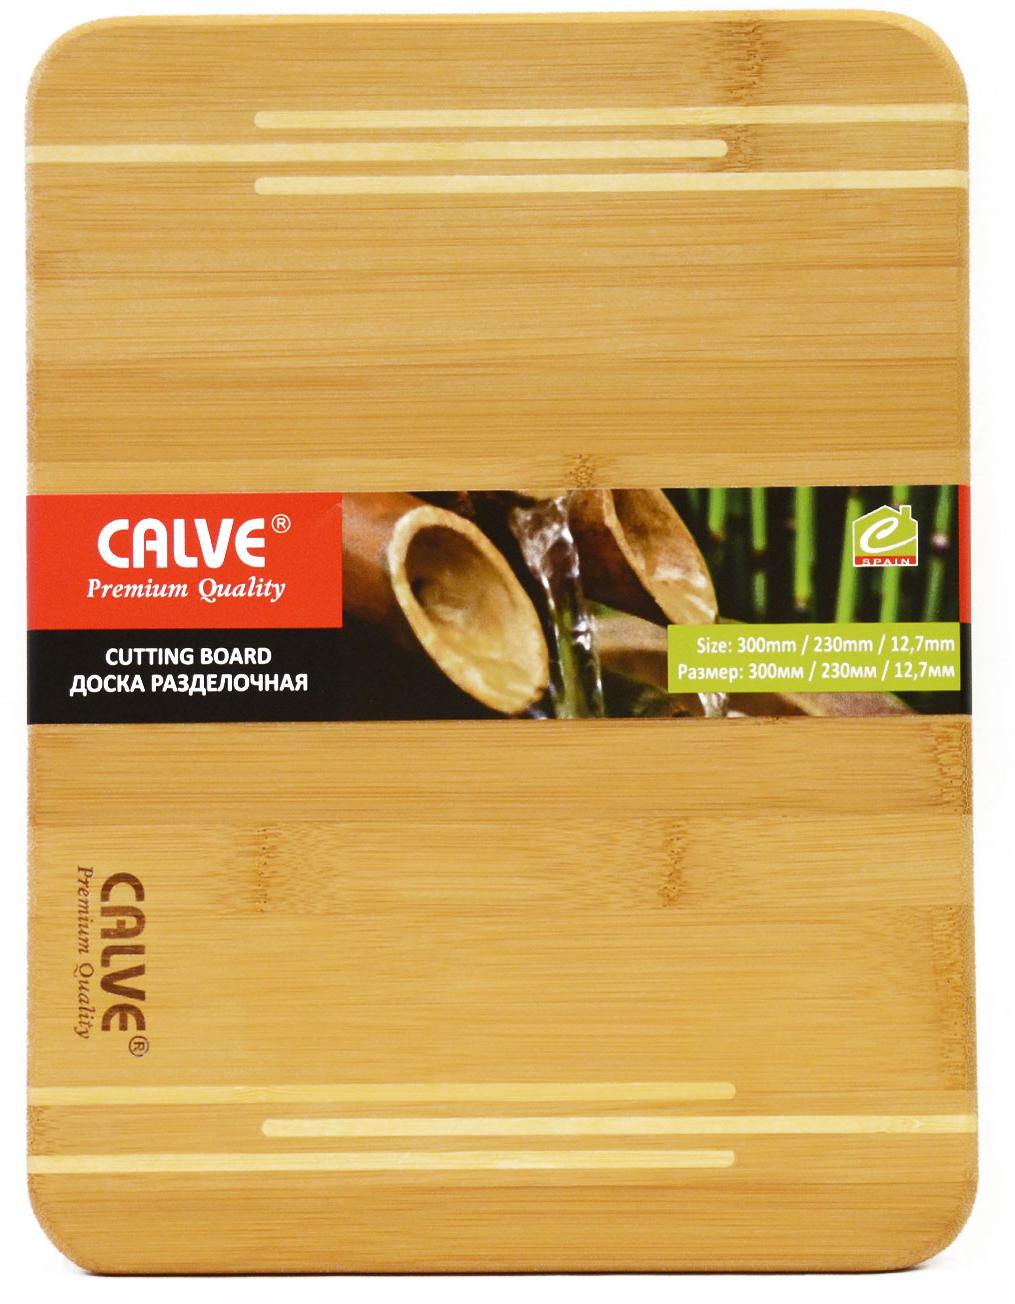 """Доска разделочная """"Calve"""" изготовлена из бамбука. Промасленная поверхность обладает антибактериальными свойствами и не впитывает влагу."""